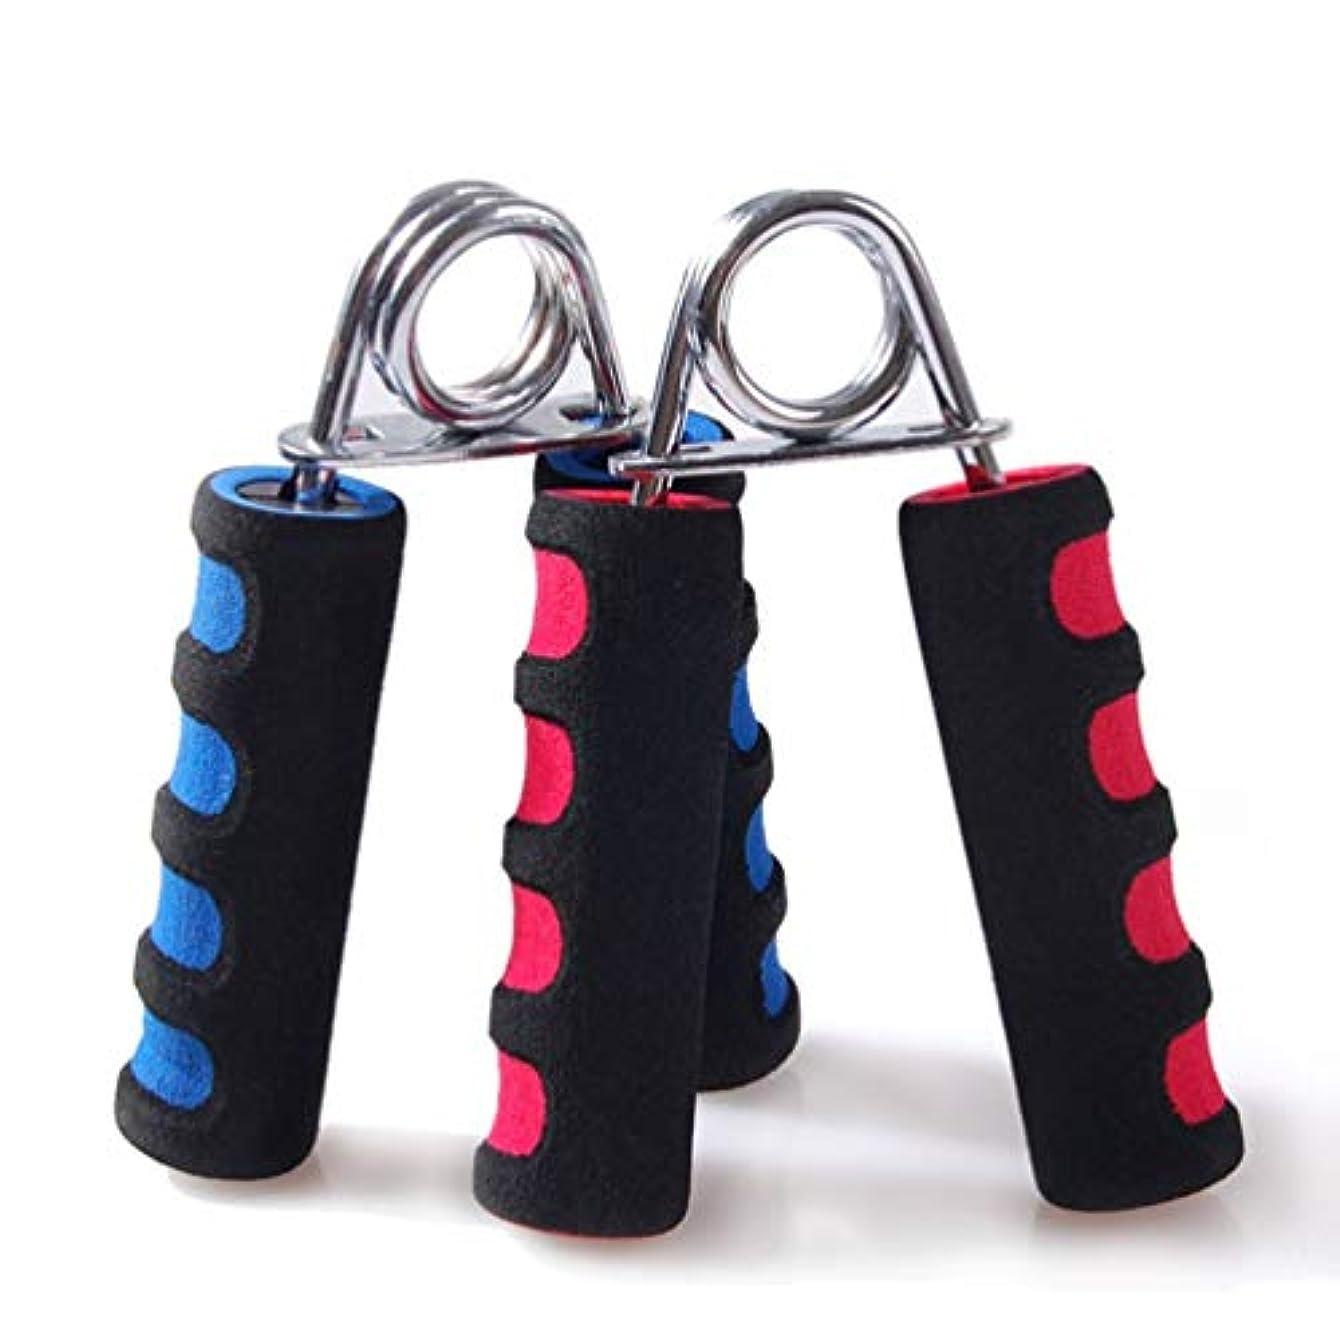 有効化お茶囲むハンドグリッパーアーム手首エクササイザフィットネスグリップジムと毎日の運動のためのヘビーストレングストレーナー - カラーランダム